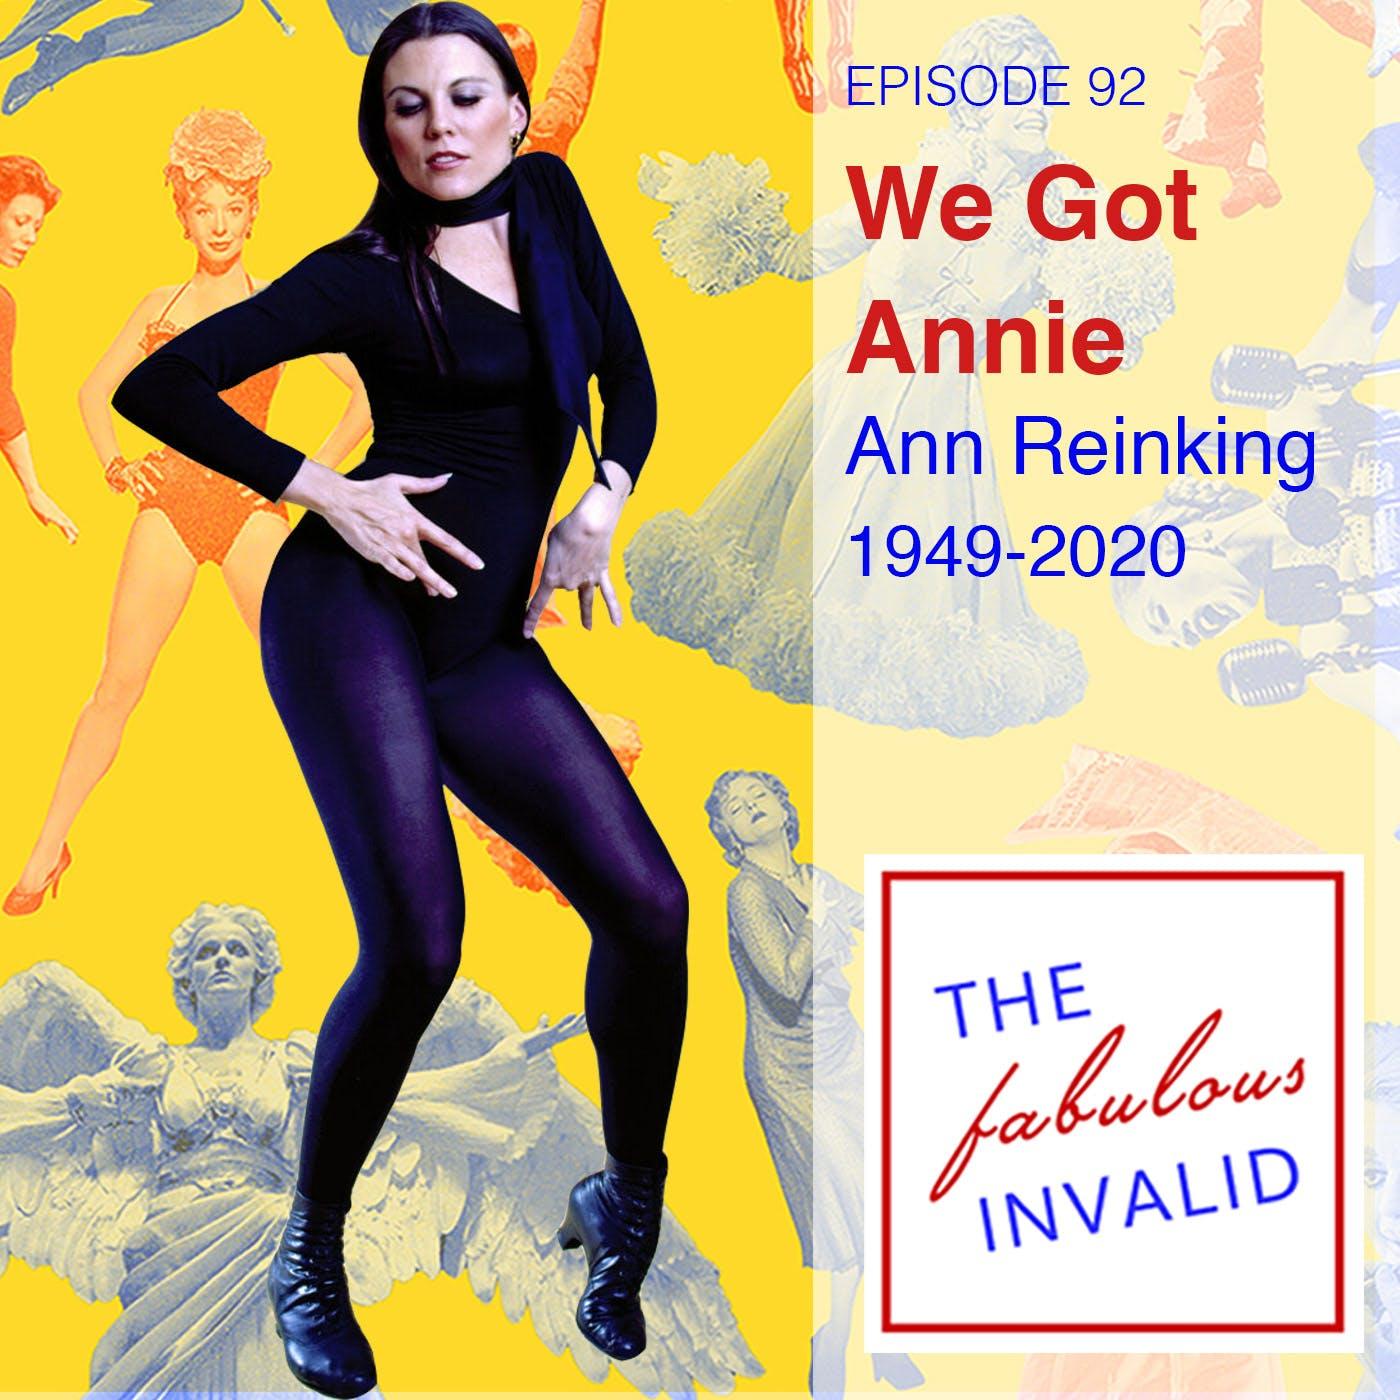 Episode 92: We Got Annie: Ann Reinking (1949-2020)